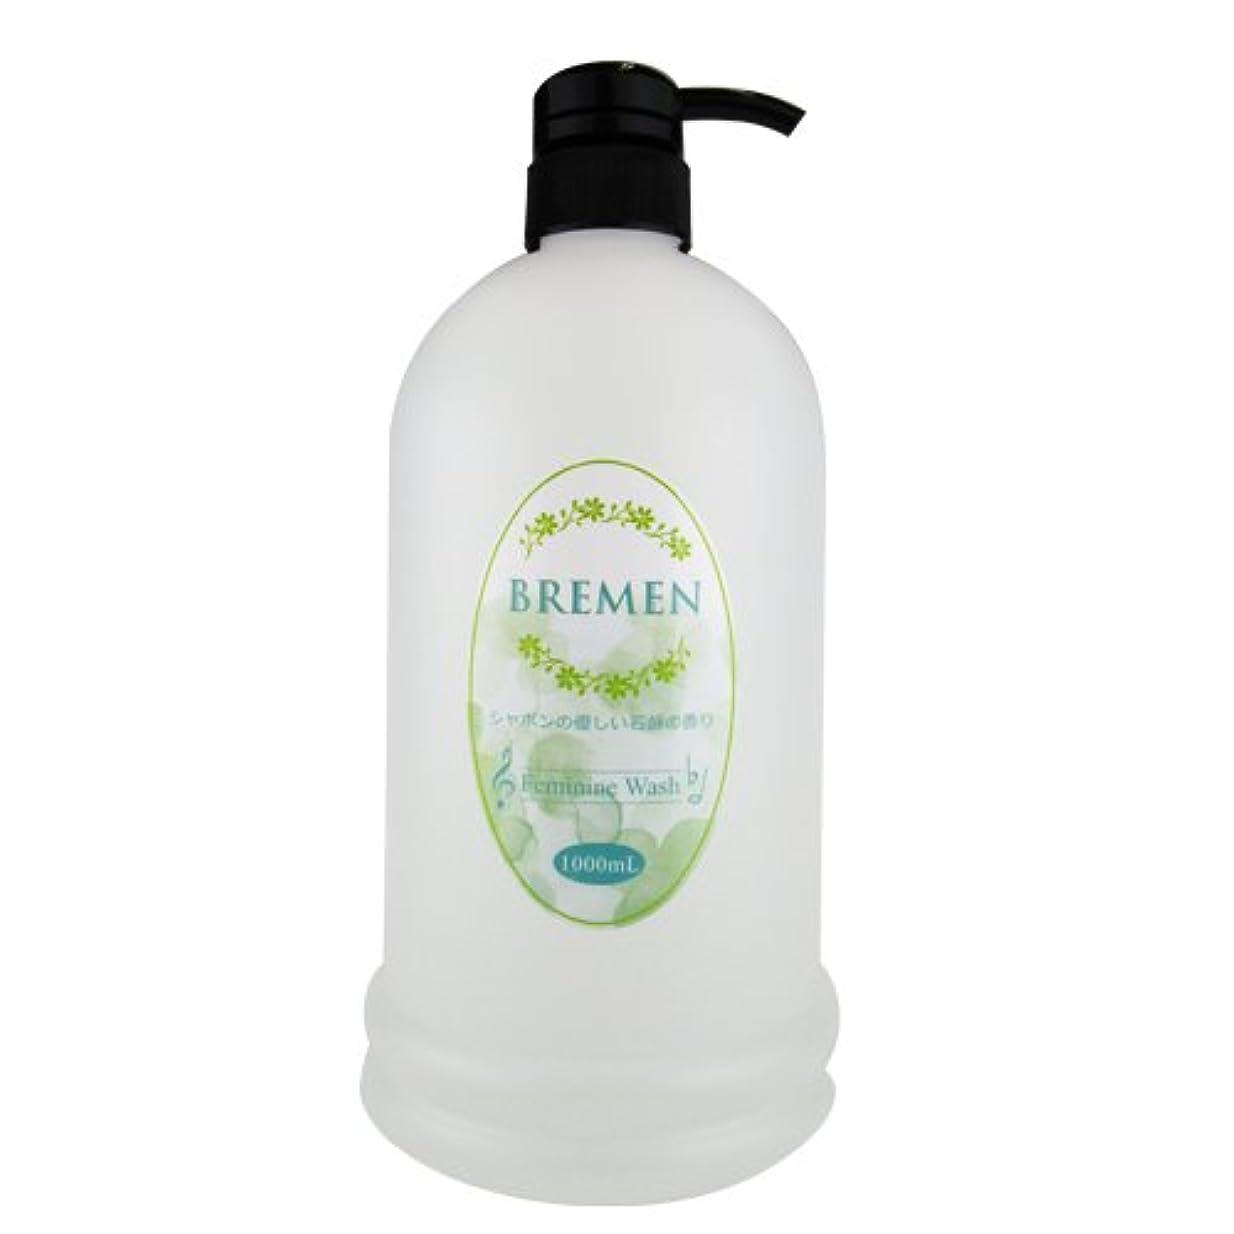 回転気づかない若者ブレーメン(BREMEN) フェミニンウォッシュ(Feminine Wash) 1000ml シャボンの優しい石鹸の香り